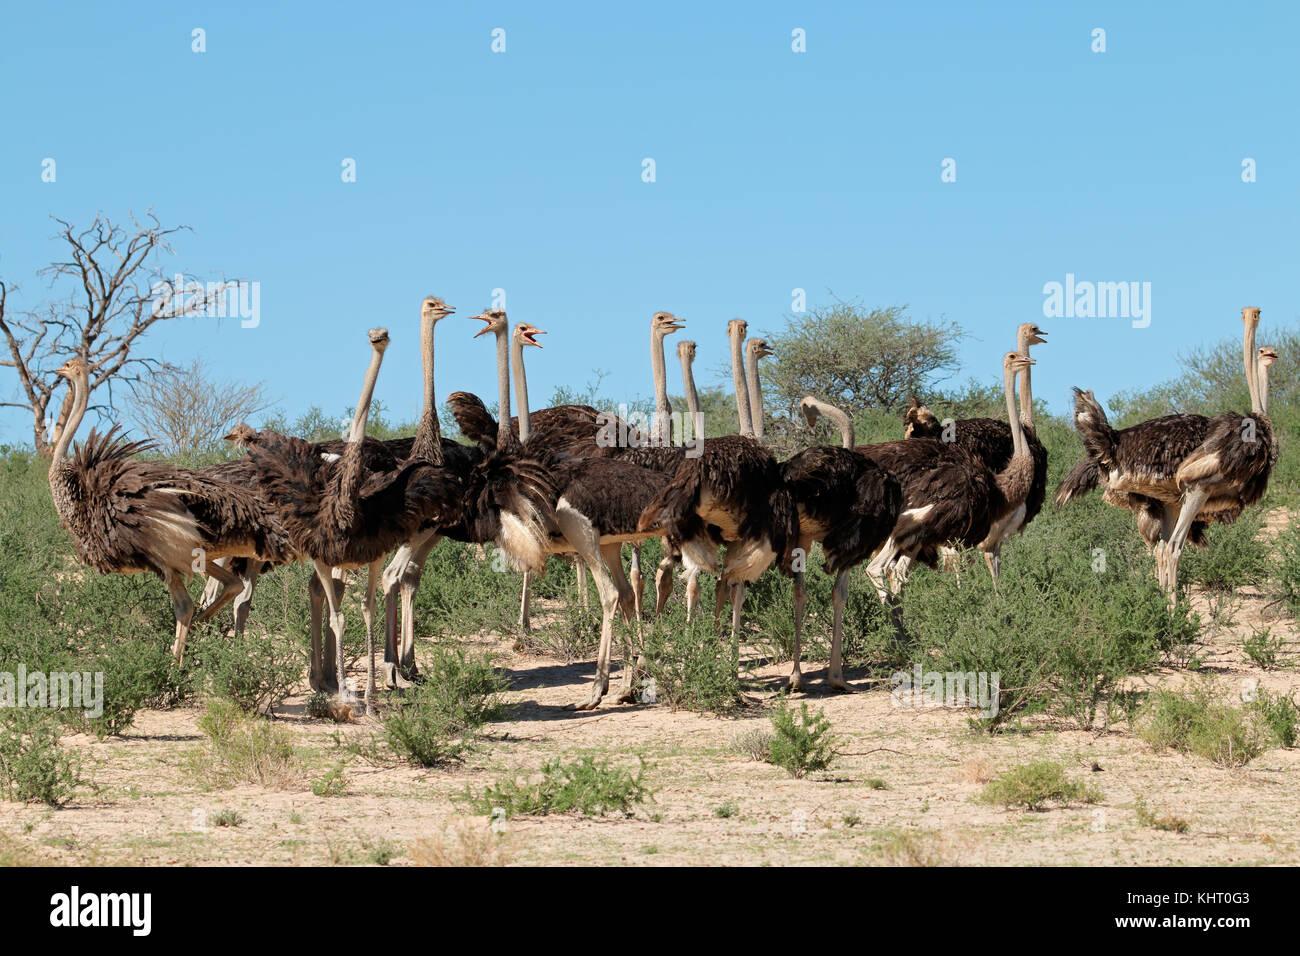 Gruppe der Strauße (Struthio camelus) im natürlichen Lebensraum, Kalahari Wüste, Südafrika Stockbild